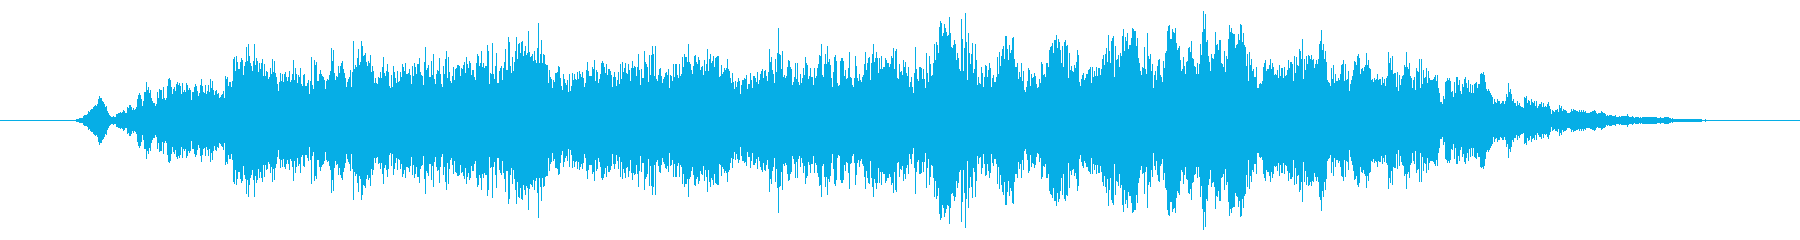 ホラー 恐怖や不安を予感するような奇怪音の再生済みの波形